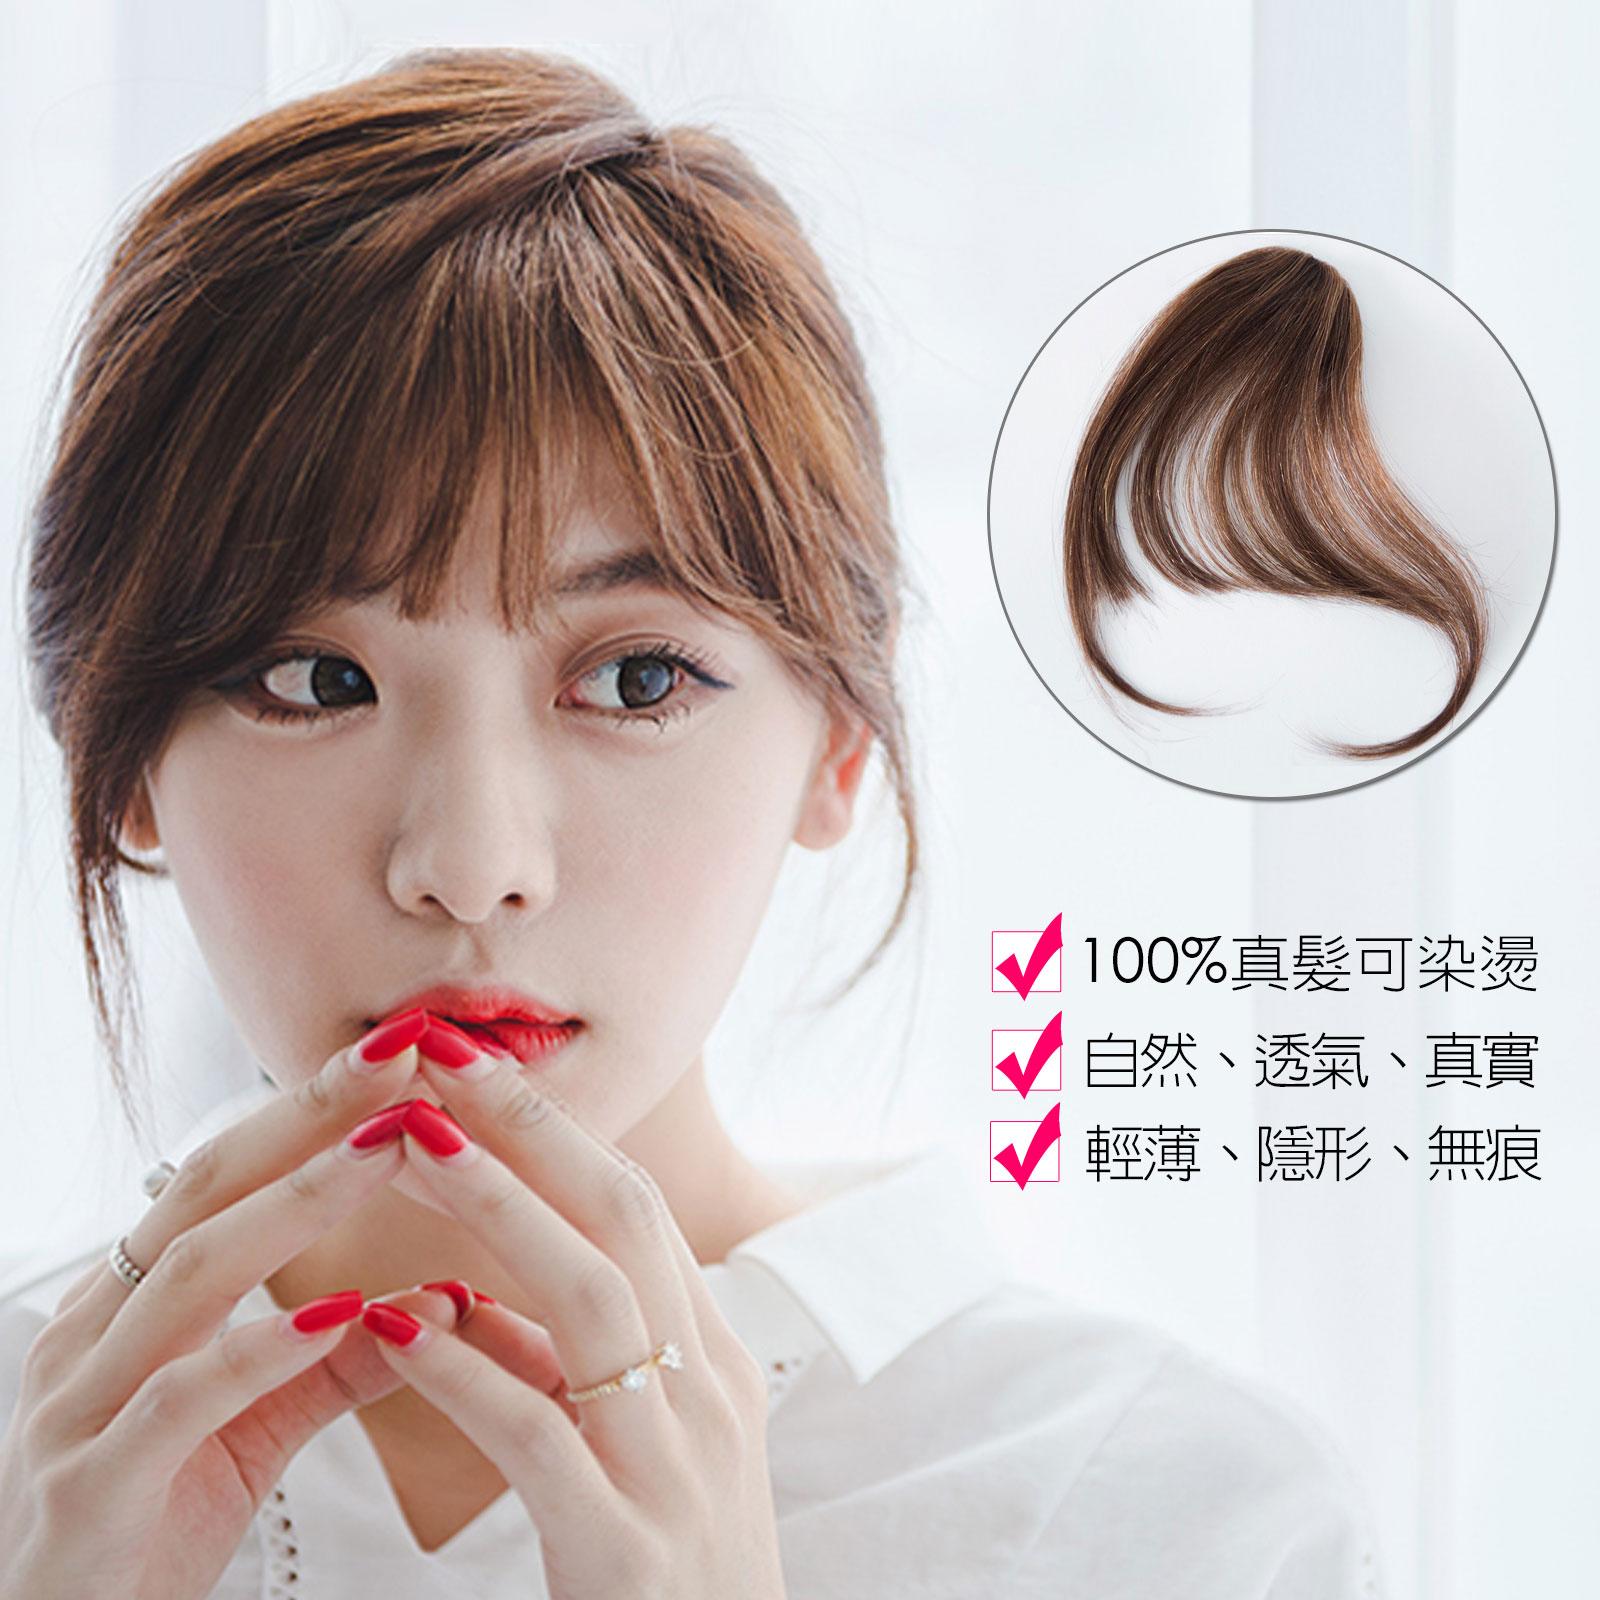 100%真髮 半手織 。微加量空氣瀏海髮片  可染燙【RT24】☆雙兒網☆